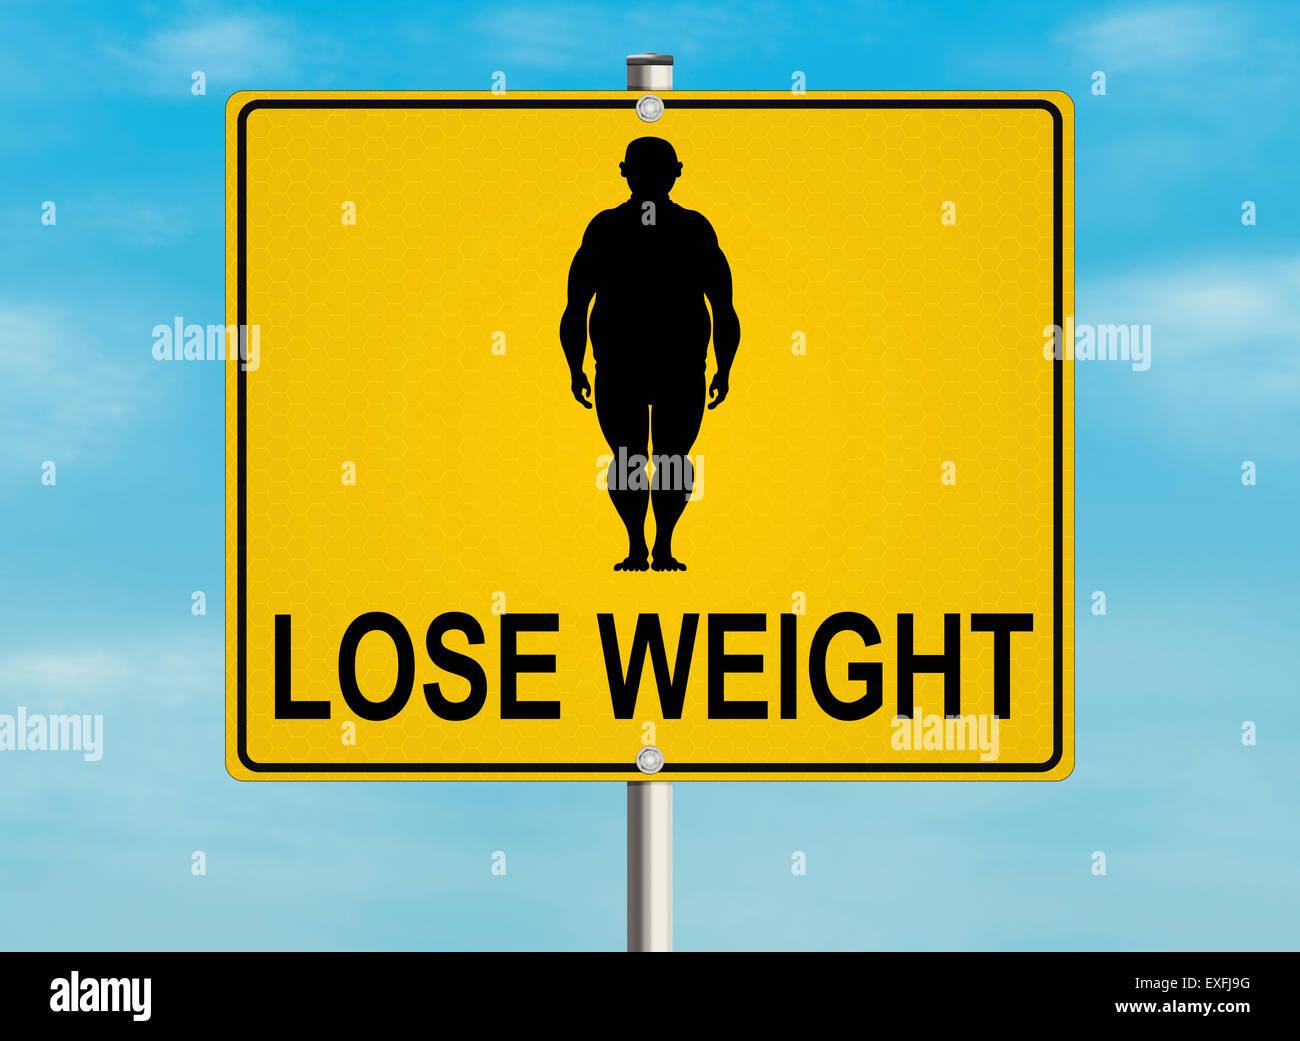 Un cartel con el tema de la obesidad y el peso correcto en el fondo del cielo. Ilustración de raster. Imagen De Stock